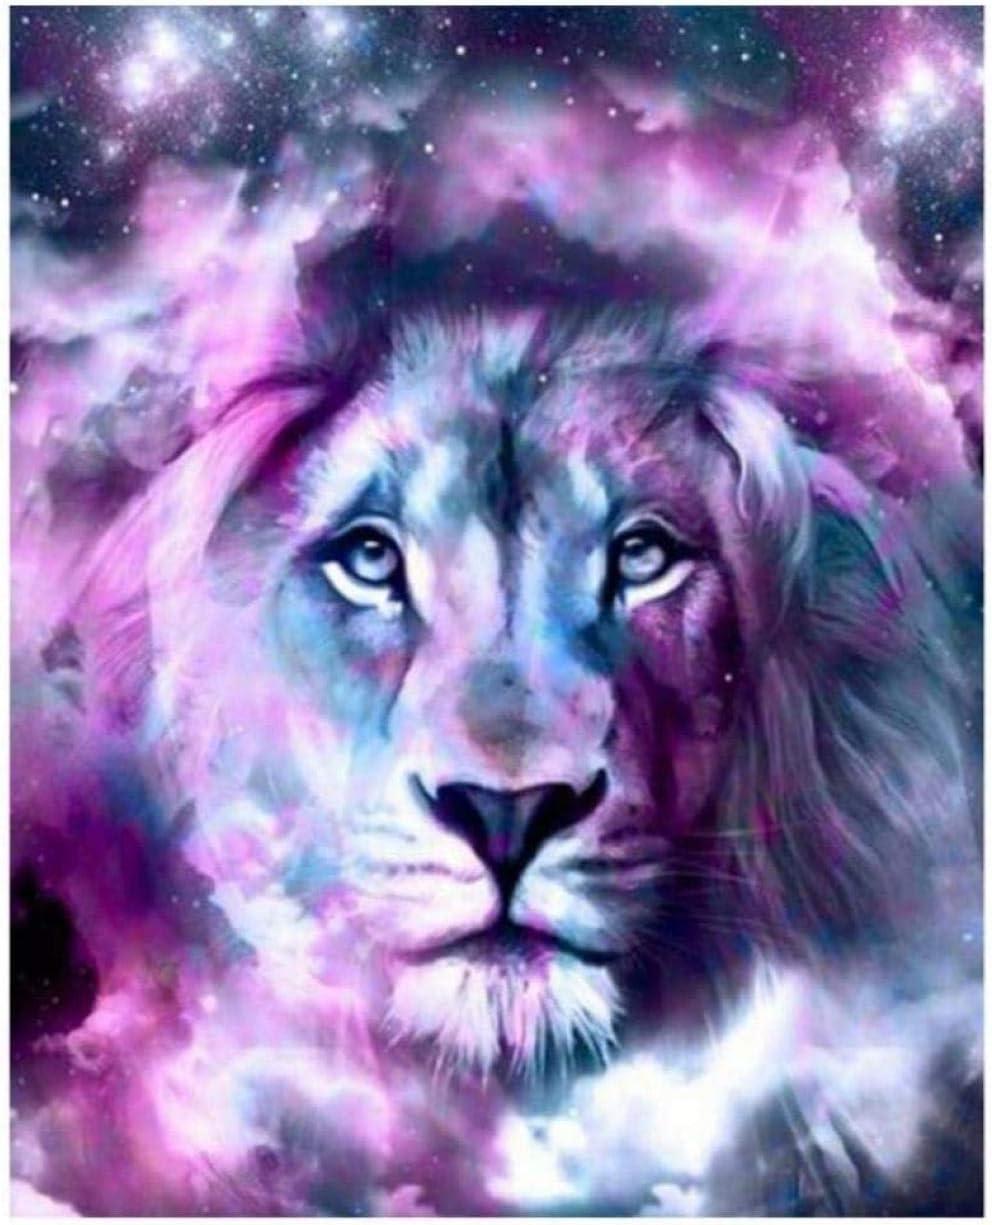 Tigre león lobo elefante caballo pintura diy pintura al óleo digital pintada a mano para matar el tiempo accesorios de decoración del hogar40x50 cm (con marco)